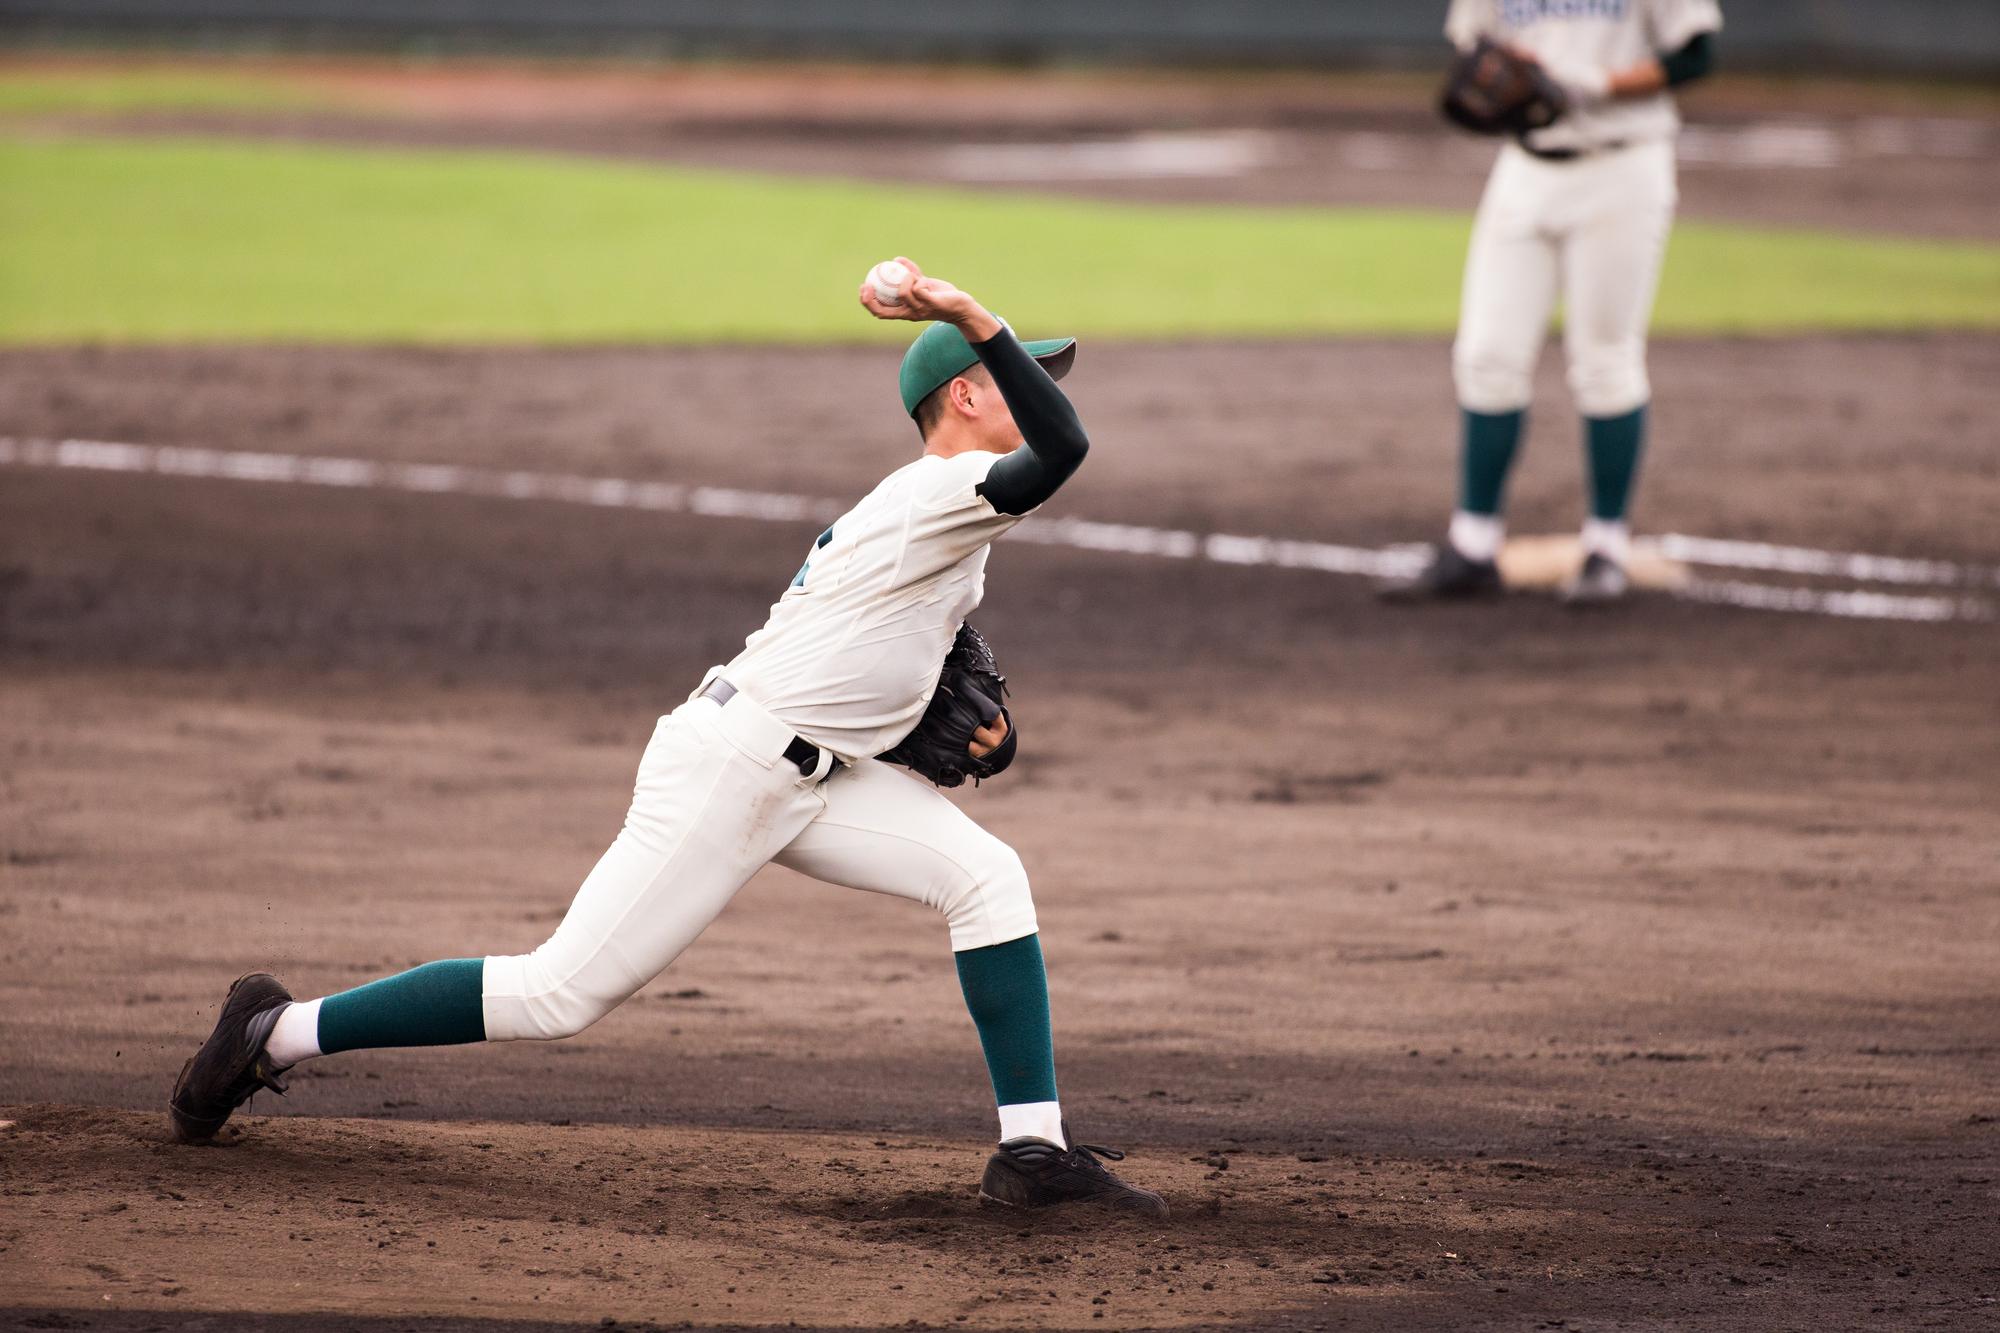 千代田区の整体院「ほぐすん」が野球肩の症状を説明